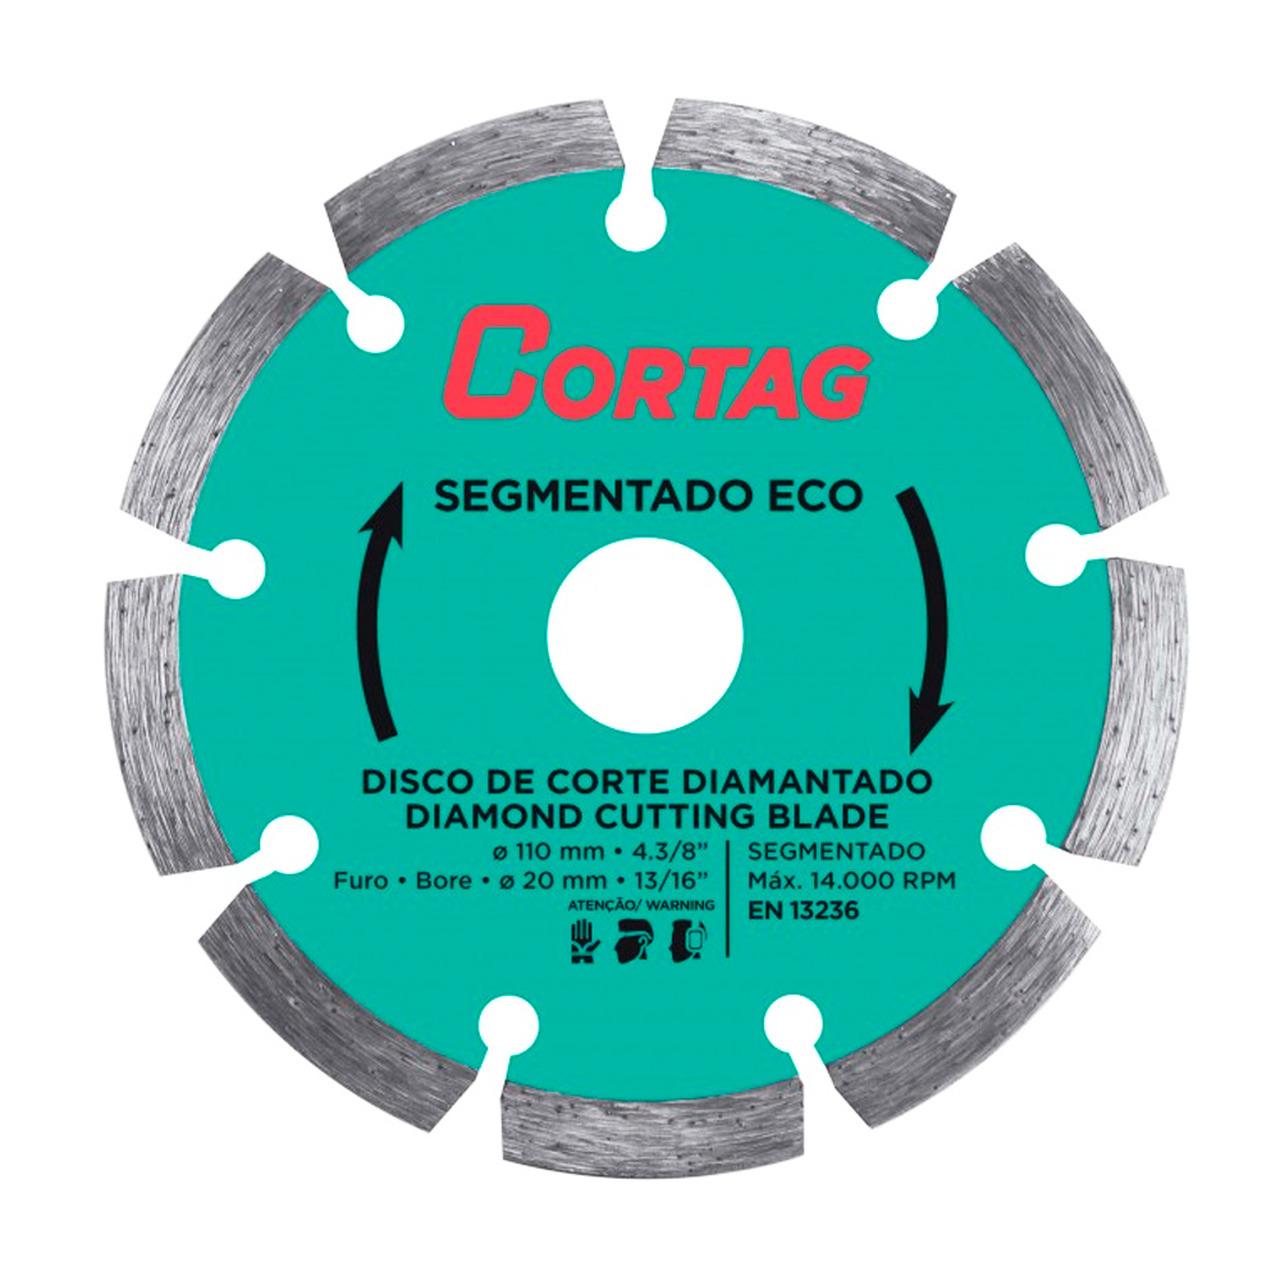 Disco Diamantado Segmentado Eco 110mm x 20mm Cortag